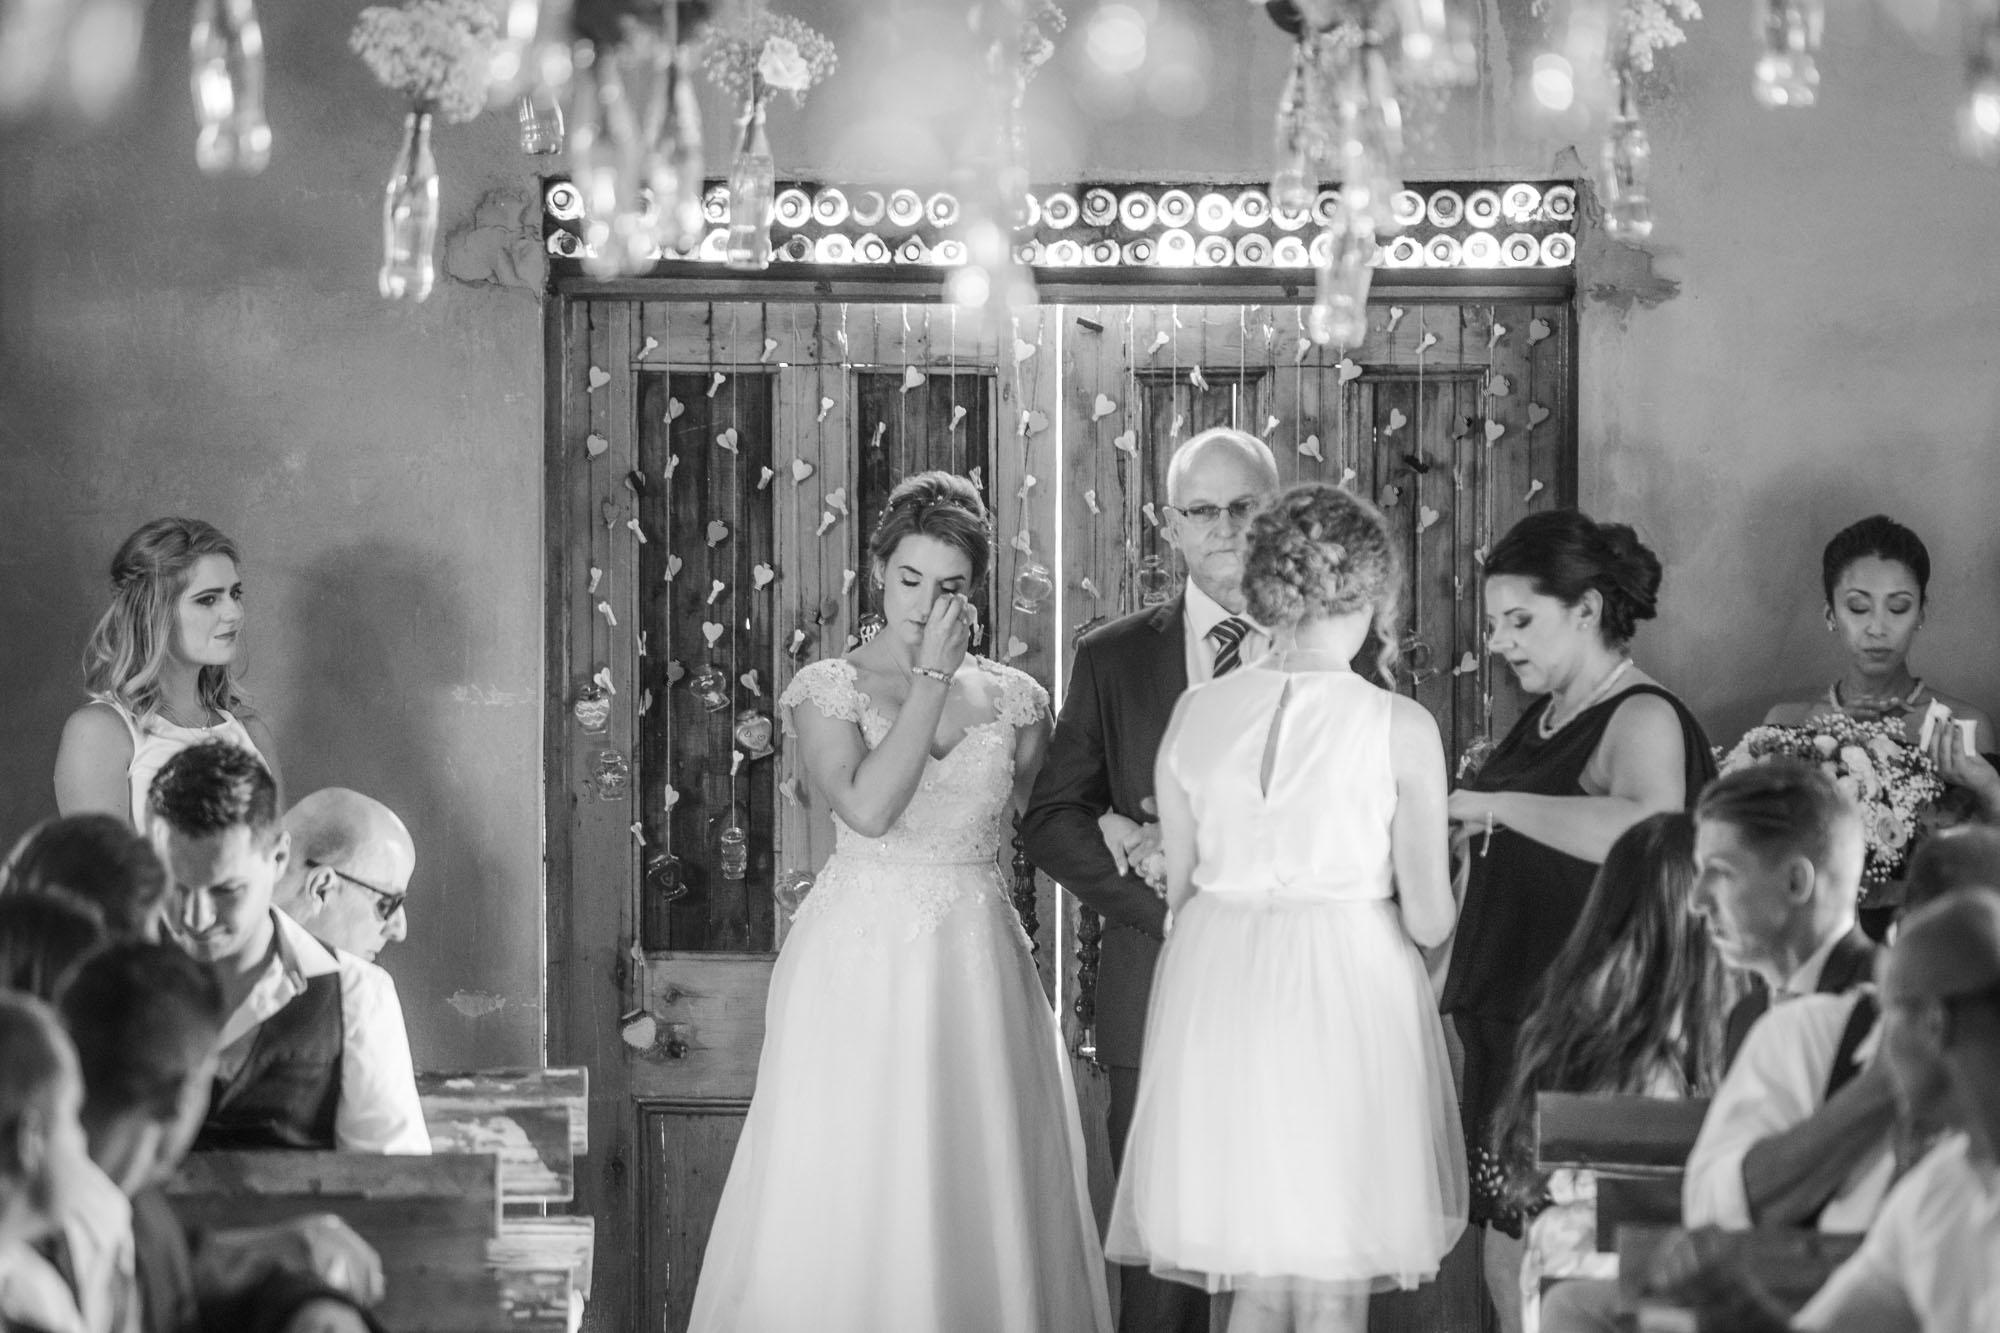 089-wedding-photographers-pretoria089-wedding-photographers-pretoria_a.jpg